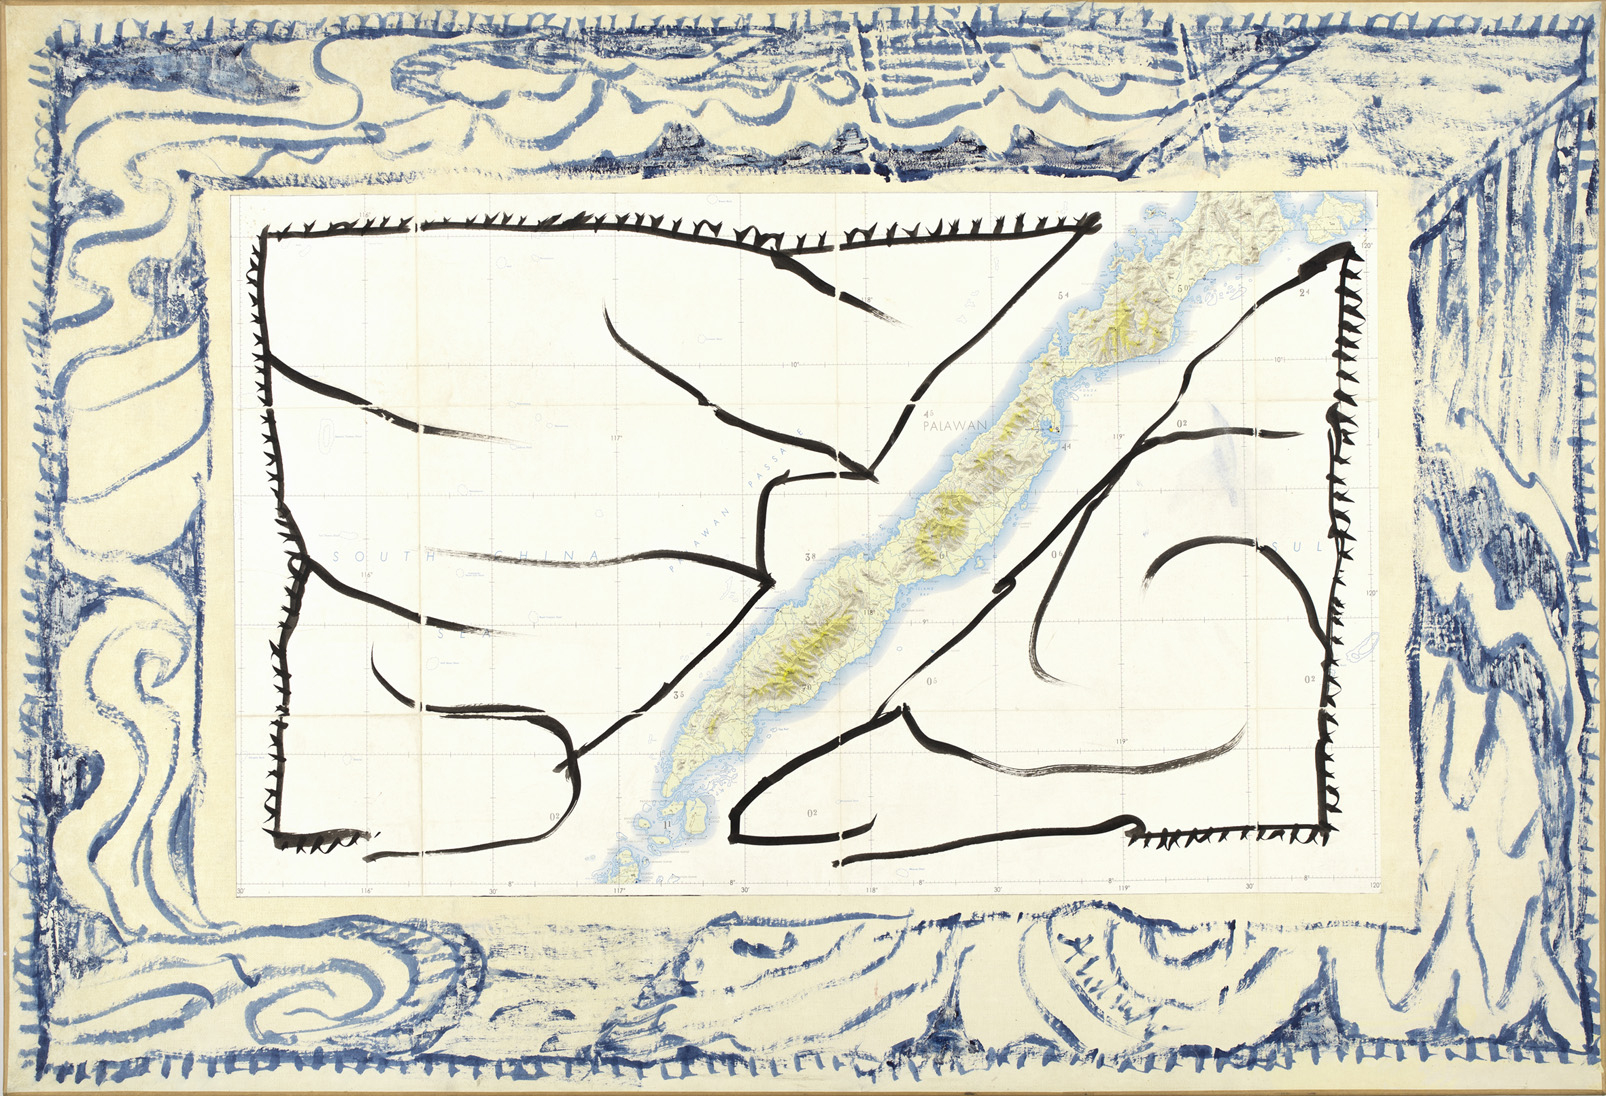 Pierre Alechinsky - Artiste - Galerie Lelong & Co. destiné Oeuvre Alechinsky